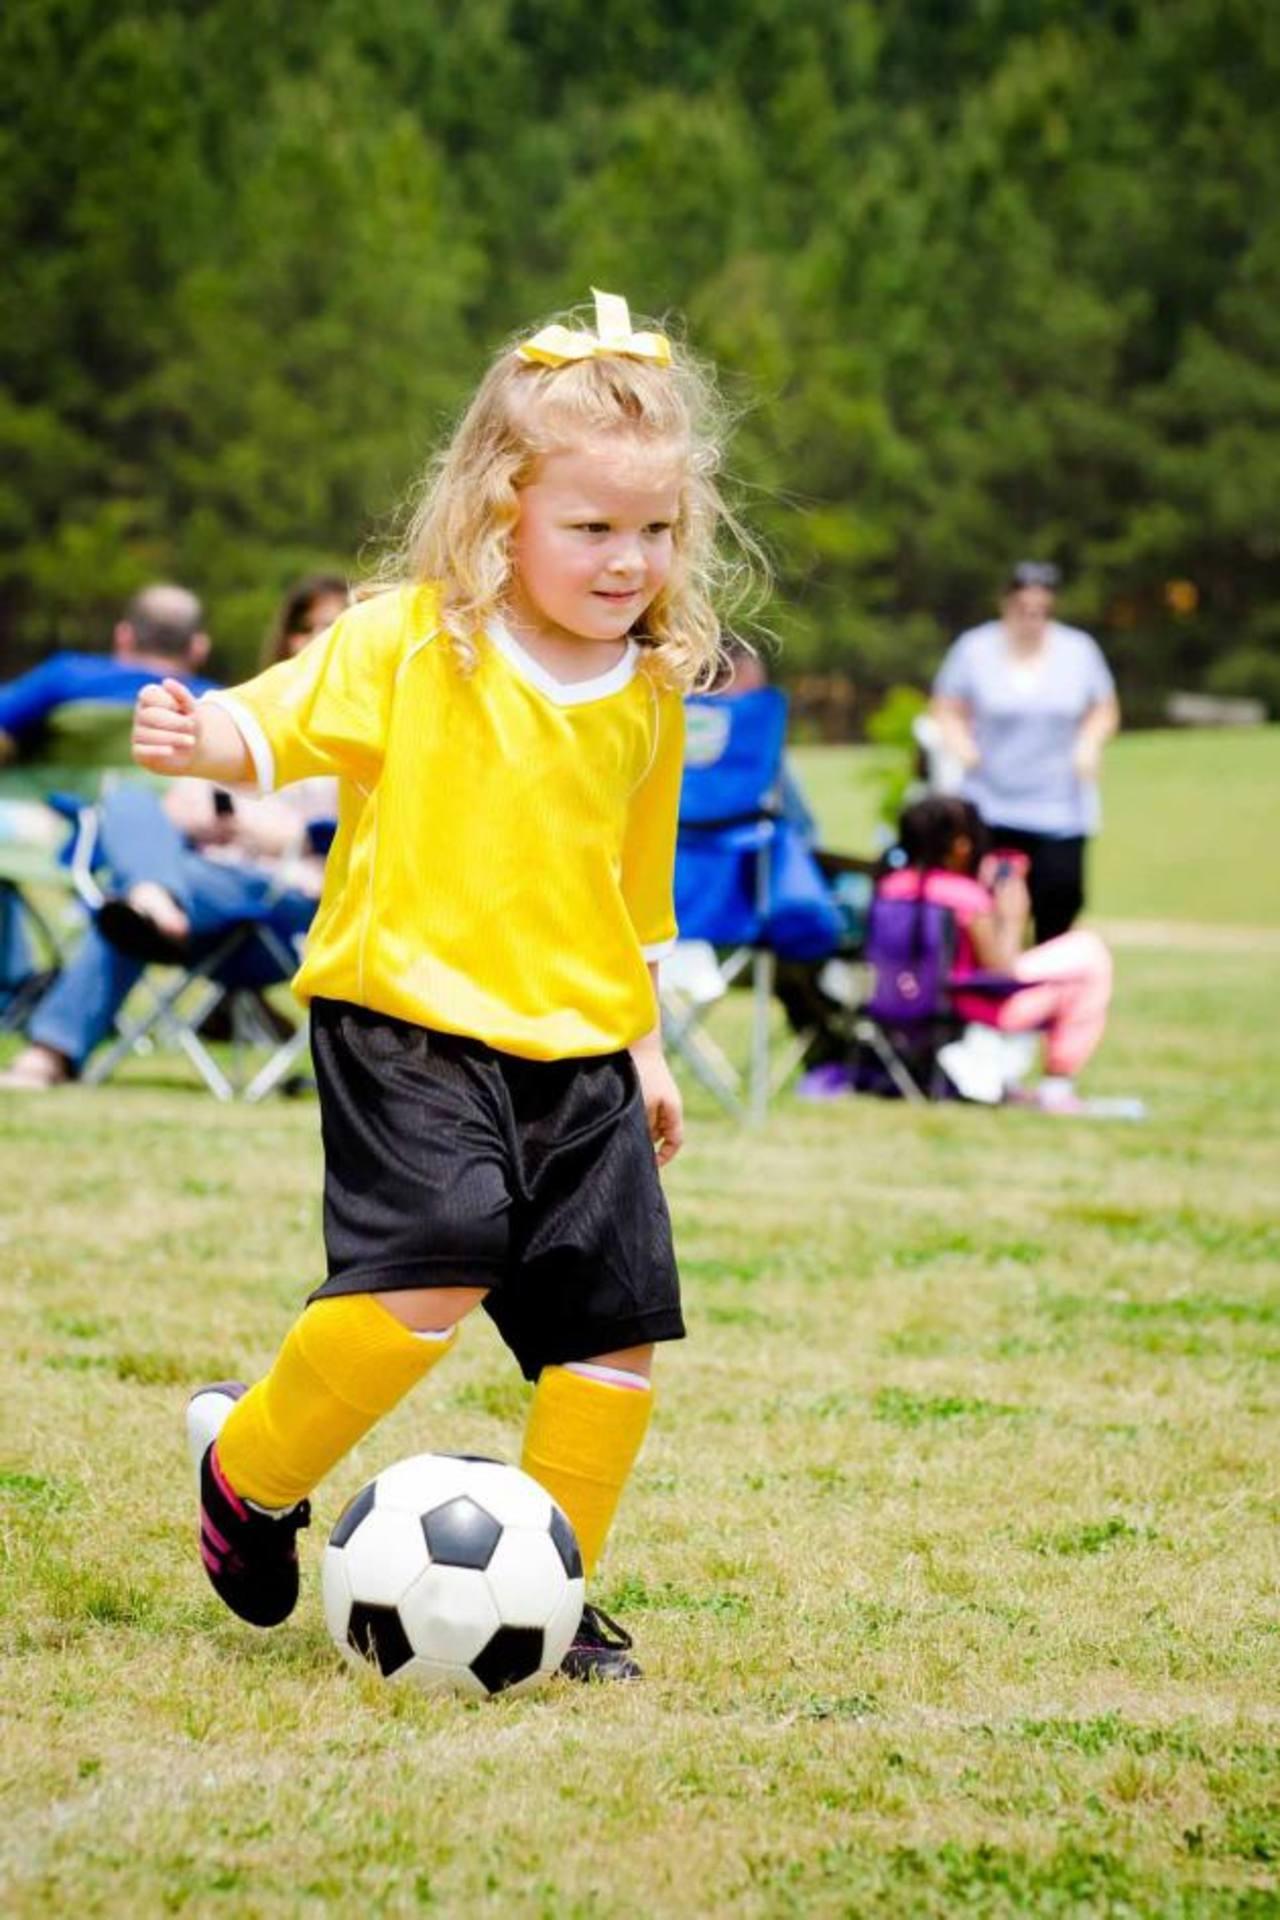 Recompensas logran que niños se ejerciten